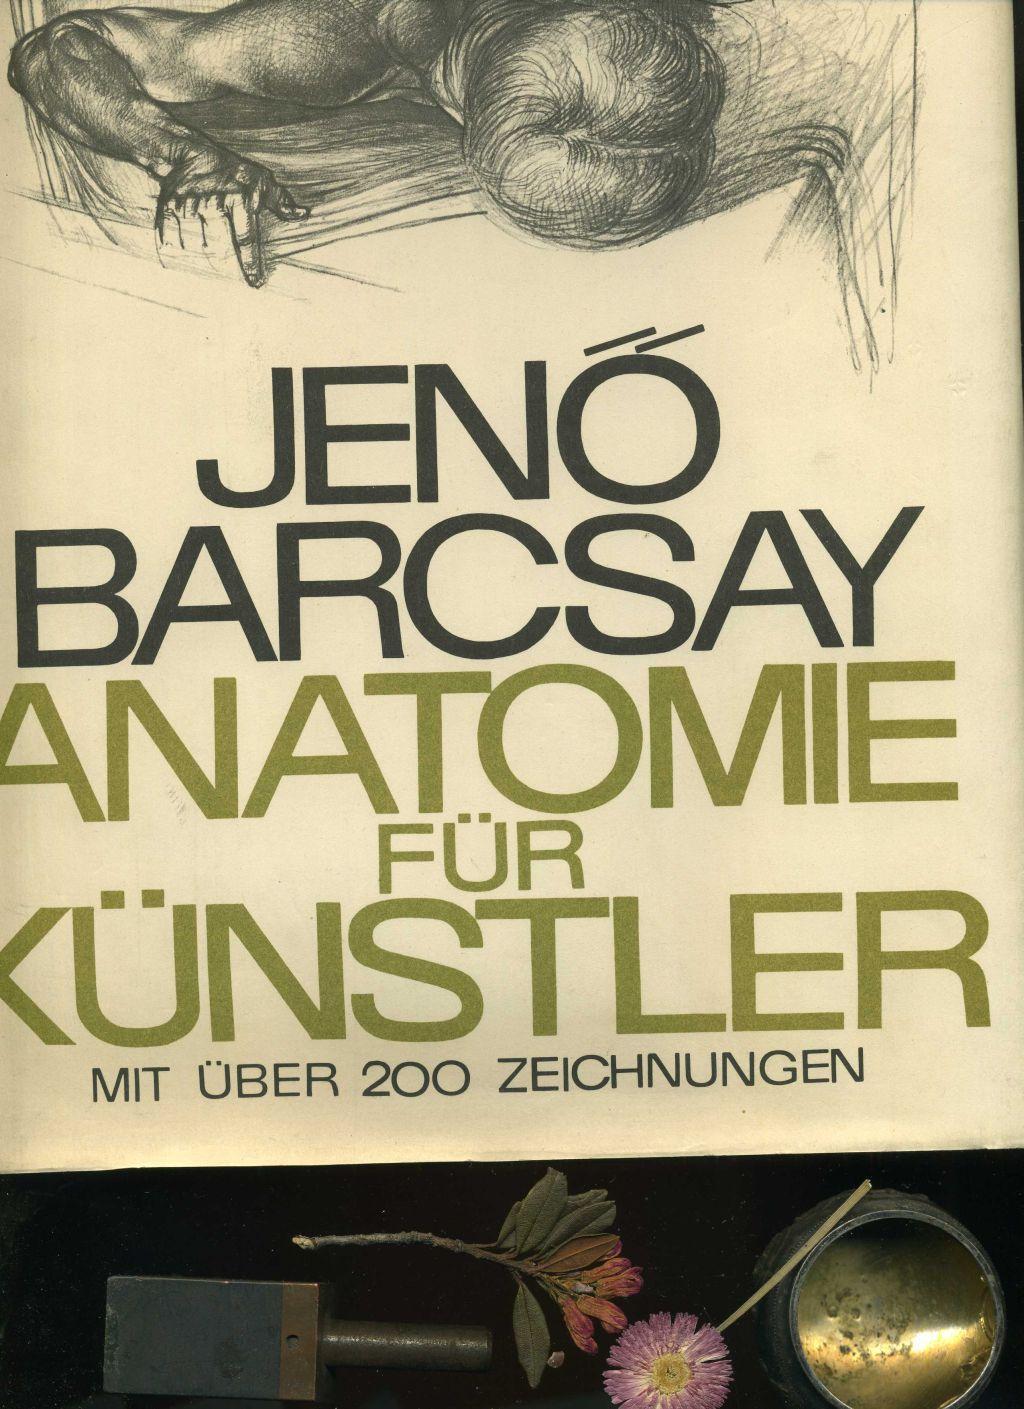 anatomie fuer kuenstler von jeno barcsay - ZVAB